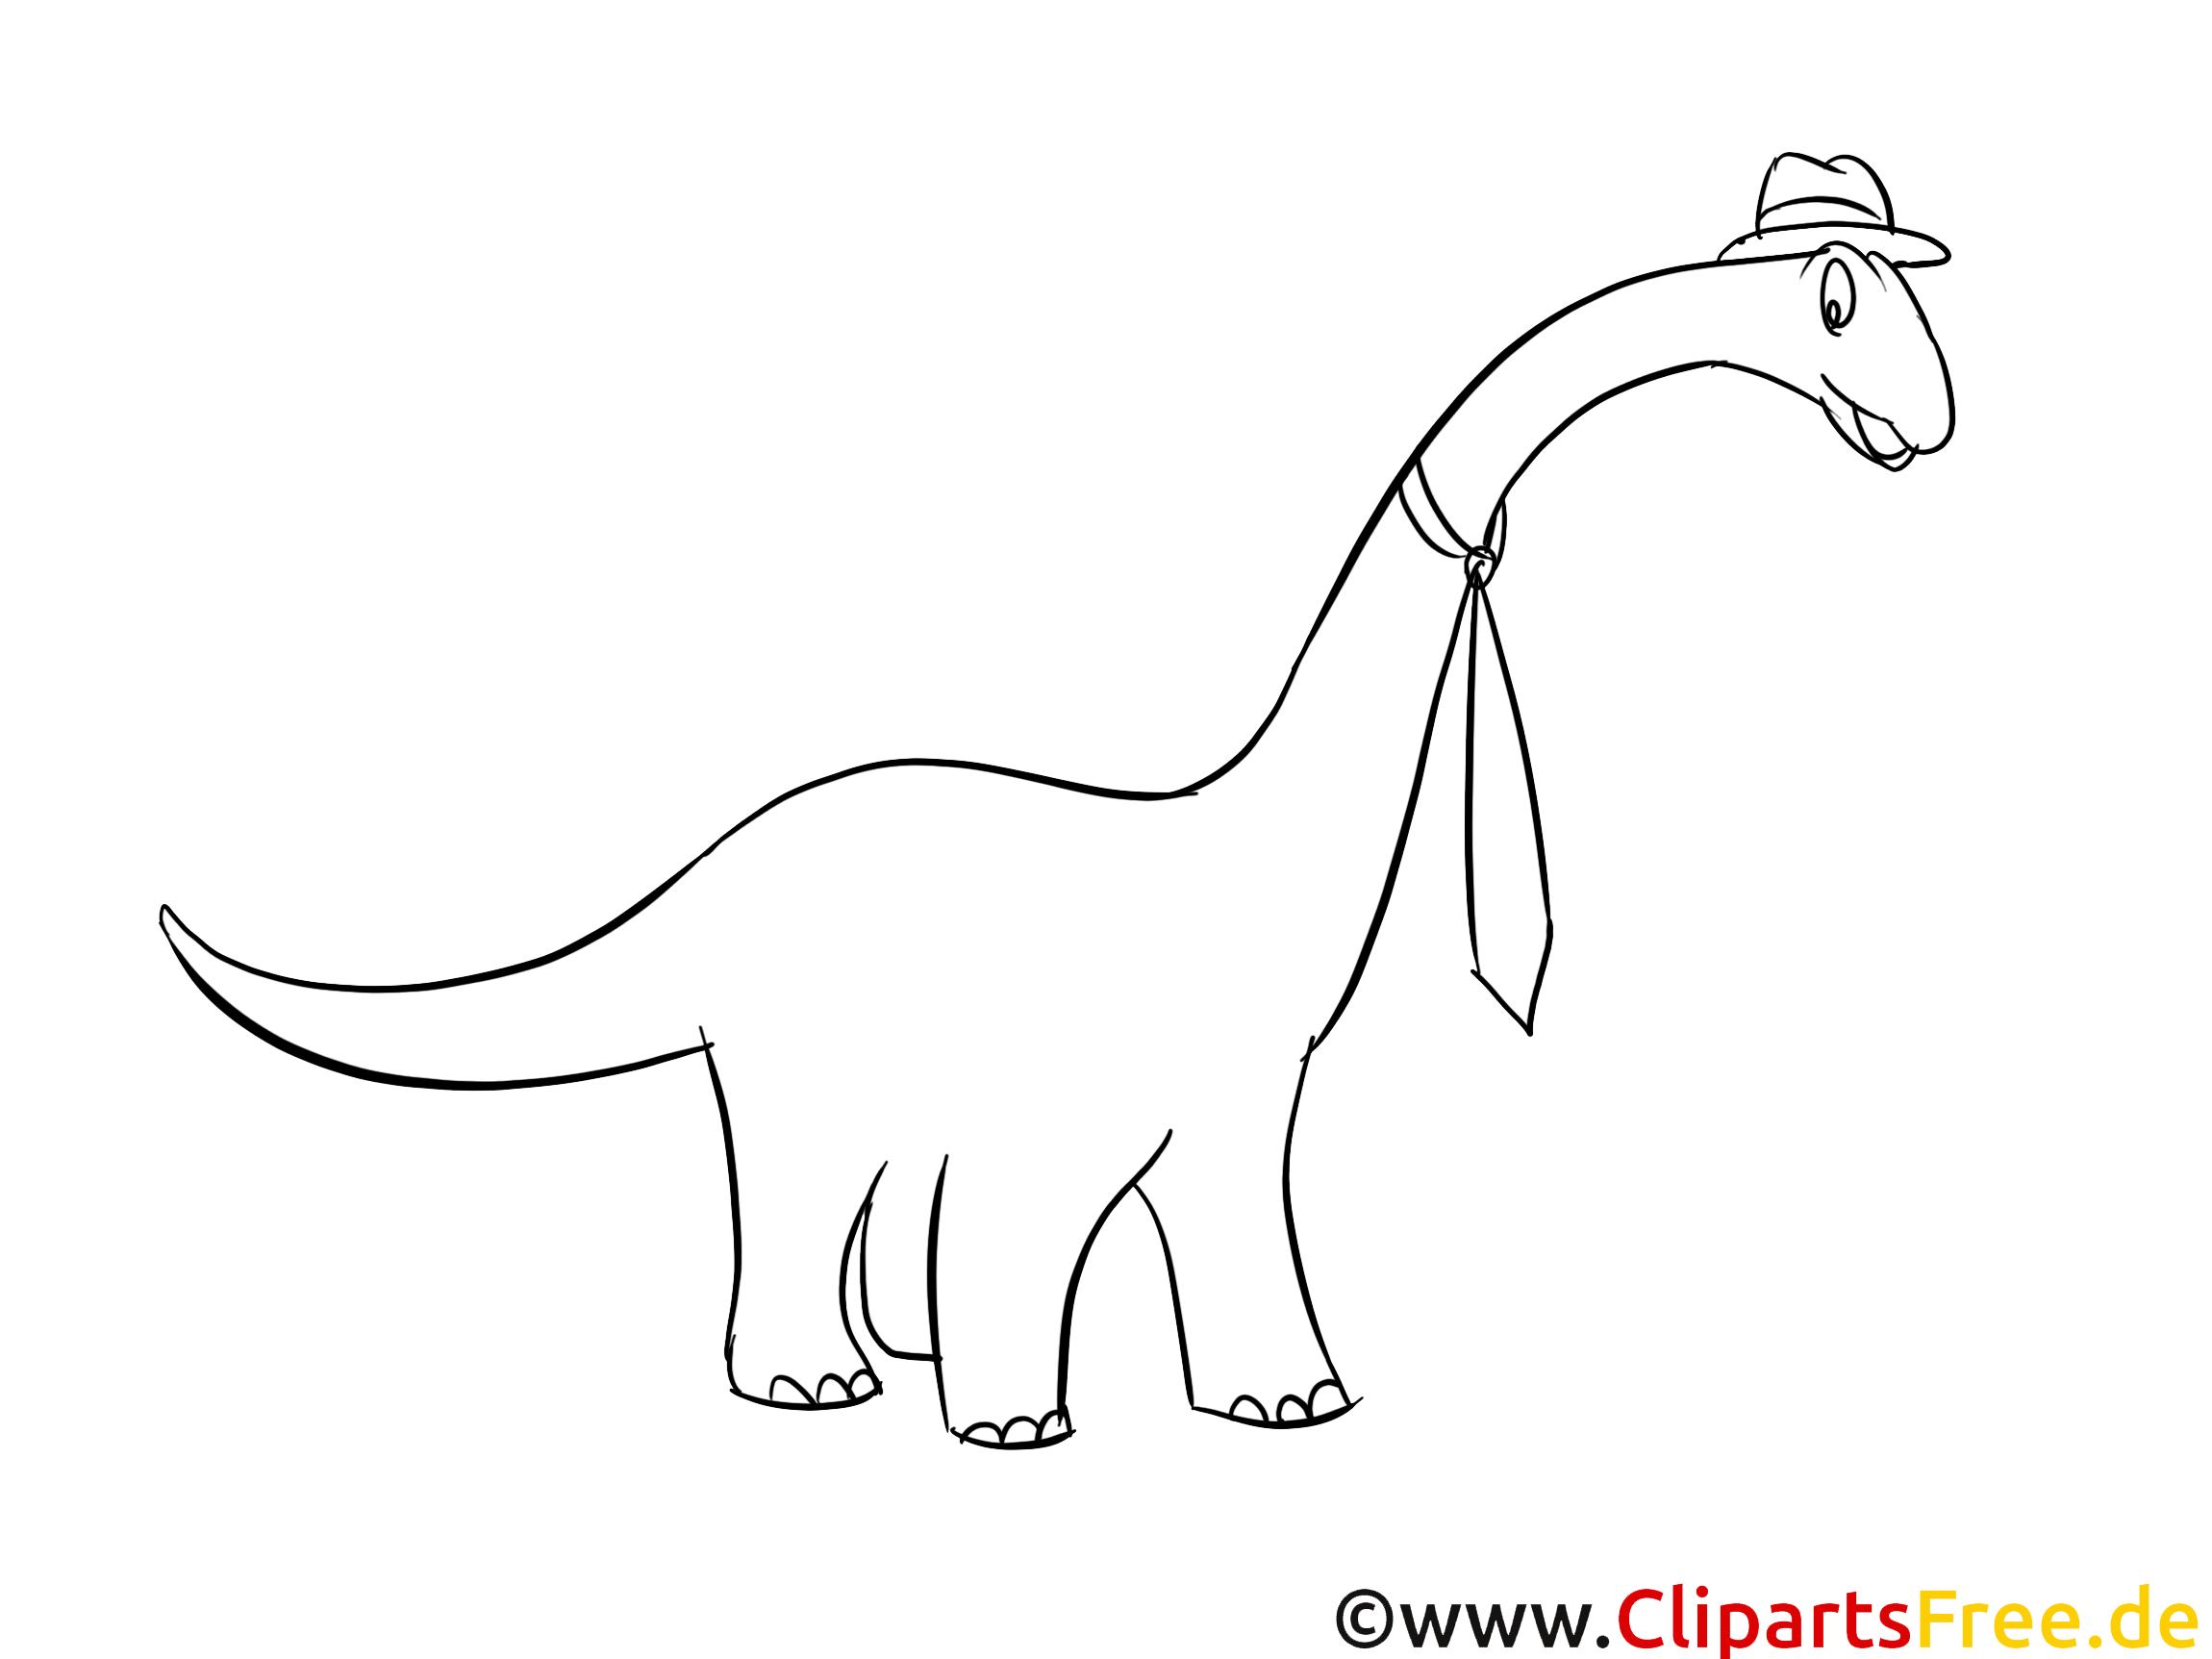 Apatosaurus Bild Zum Ausmalen Dinosaurier Bilder